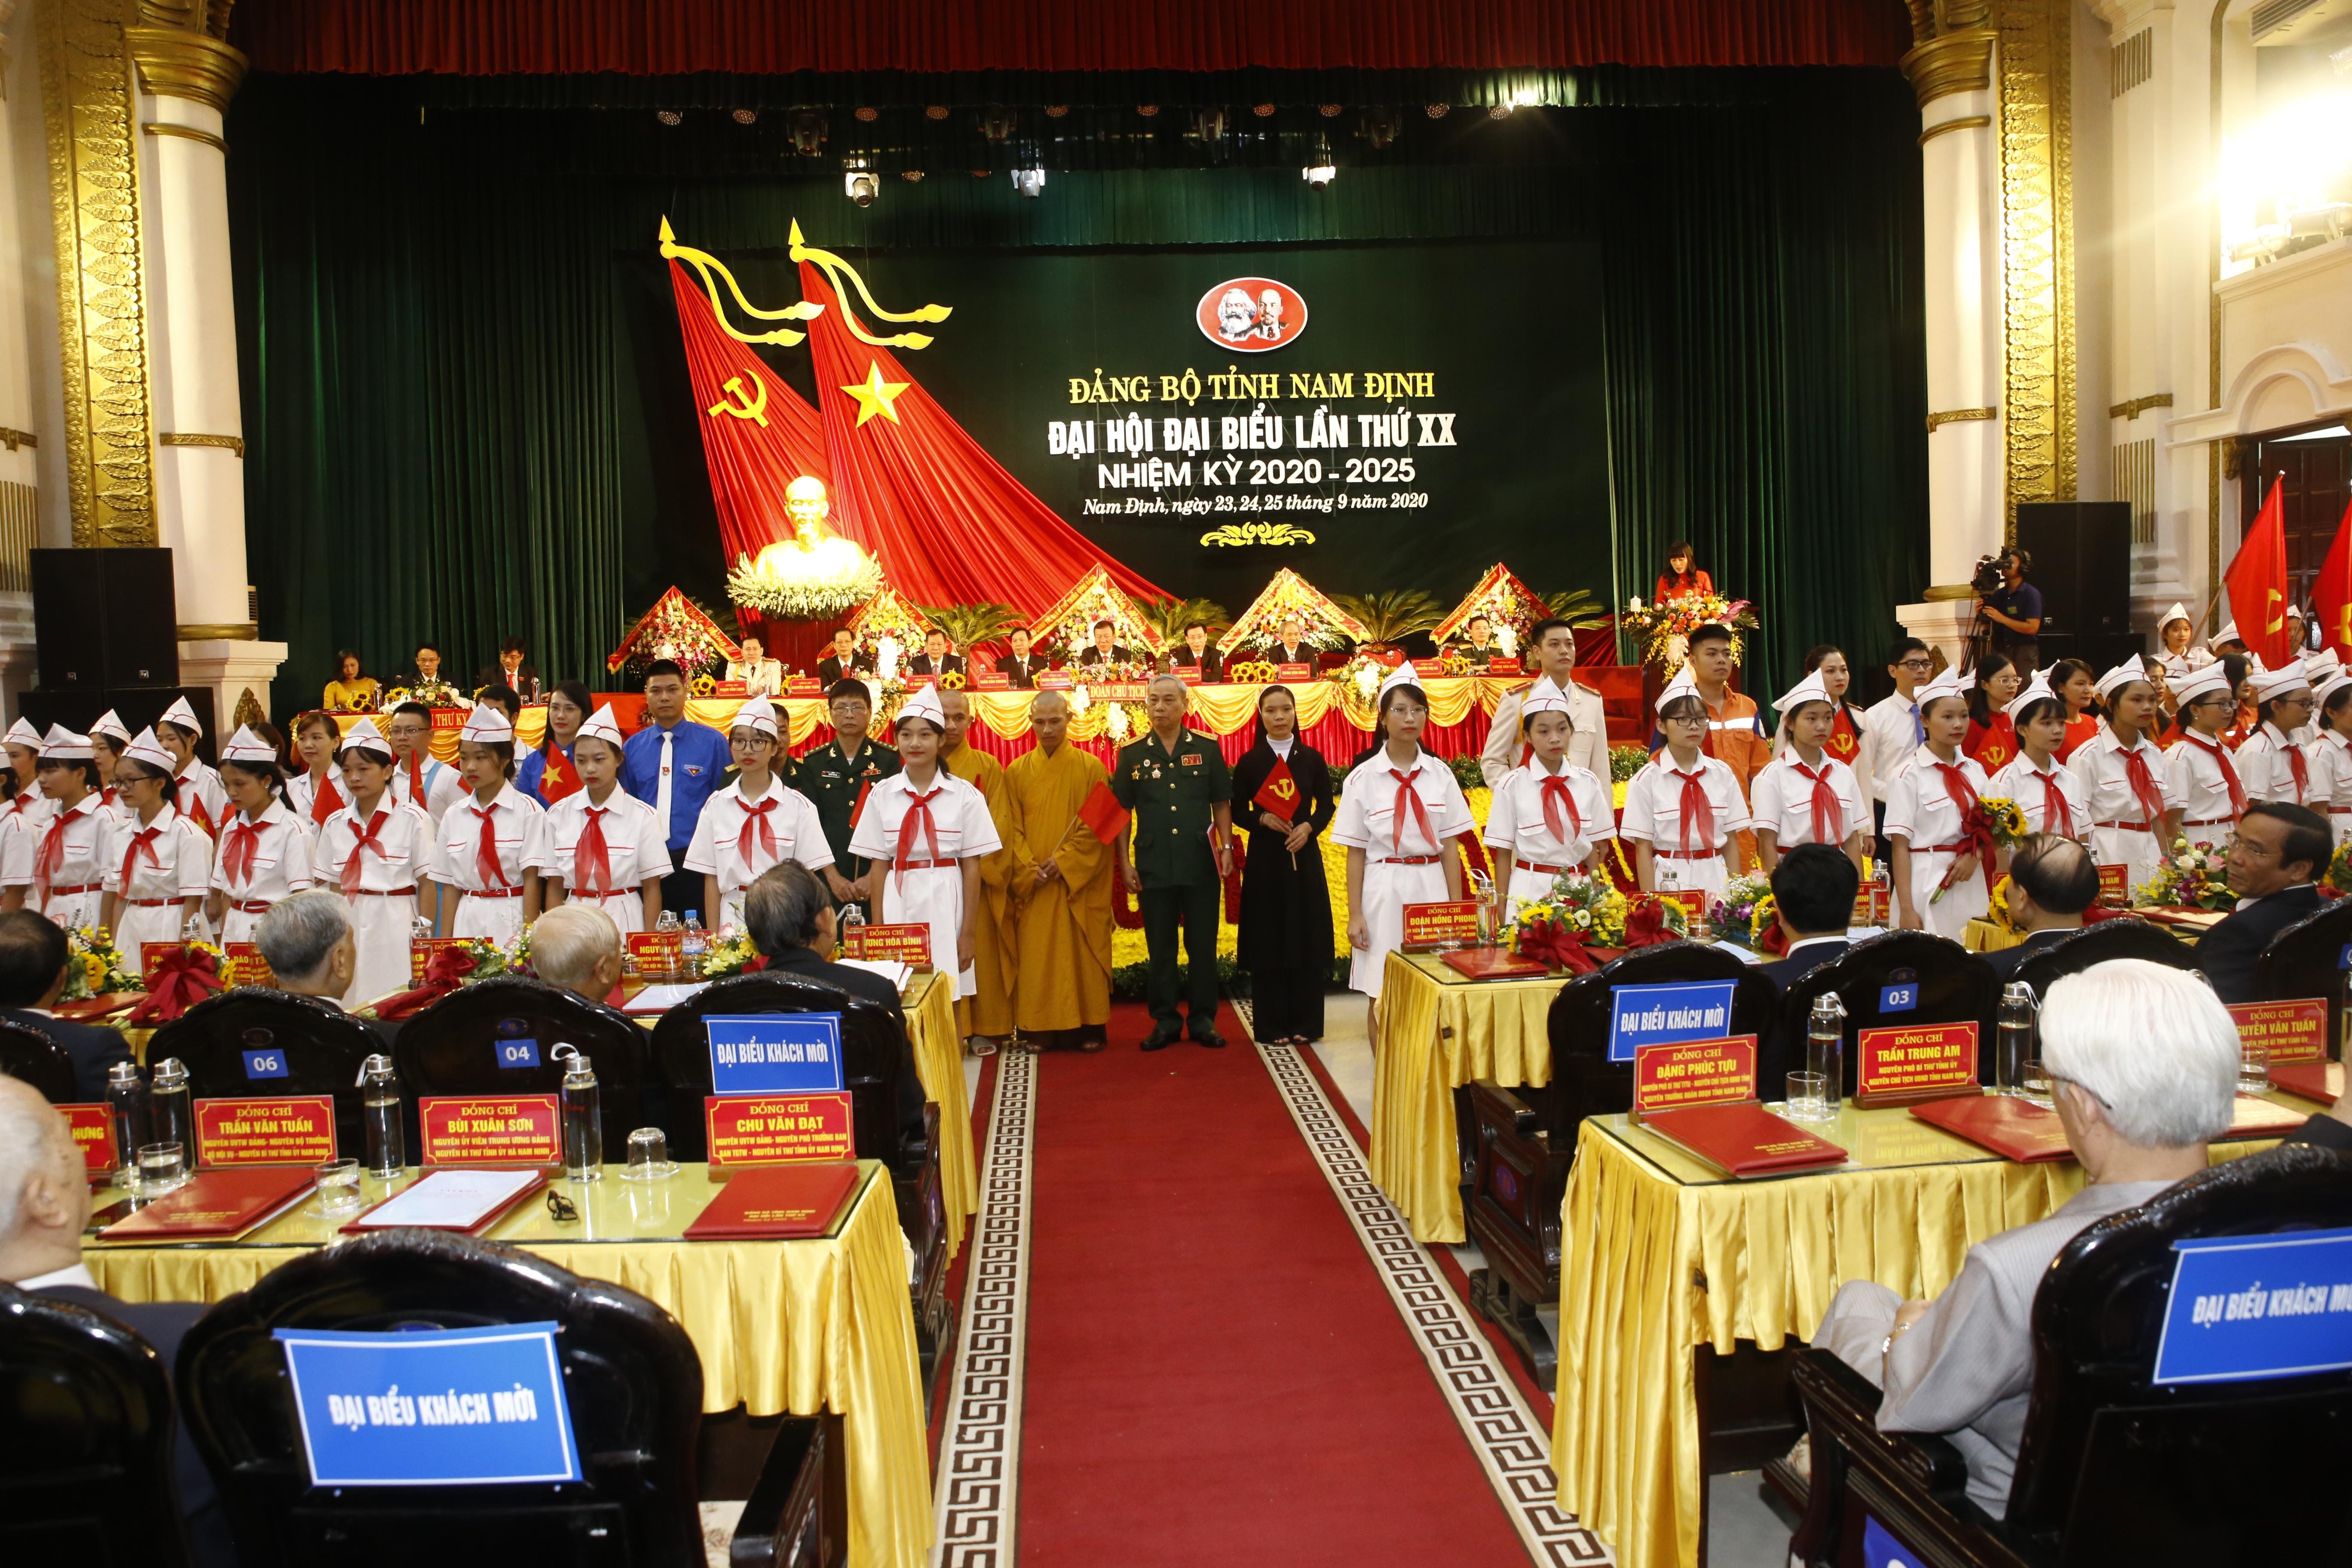 Đoàn đại biểu đại diện các tầng lớp nhân dân Nam Định chúc mừng Đại hội